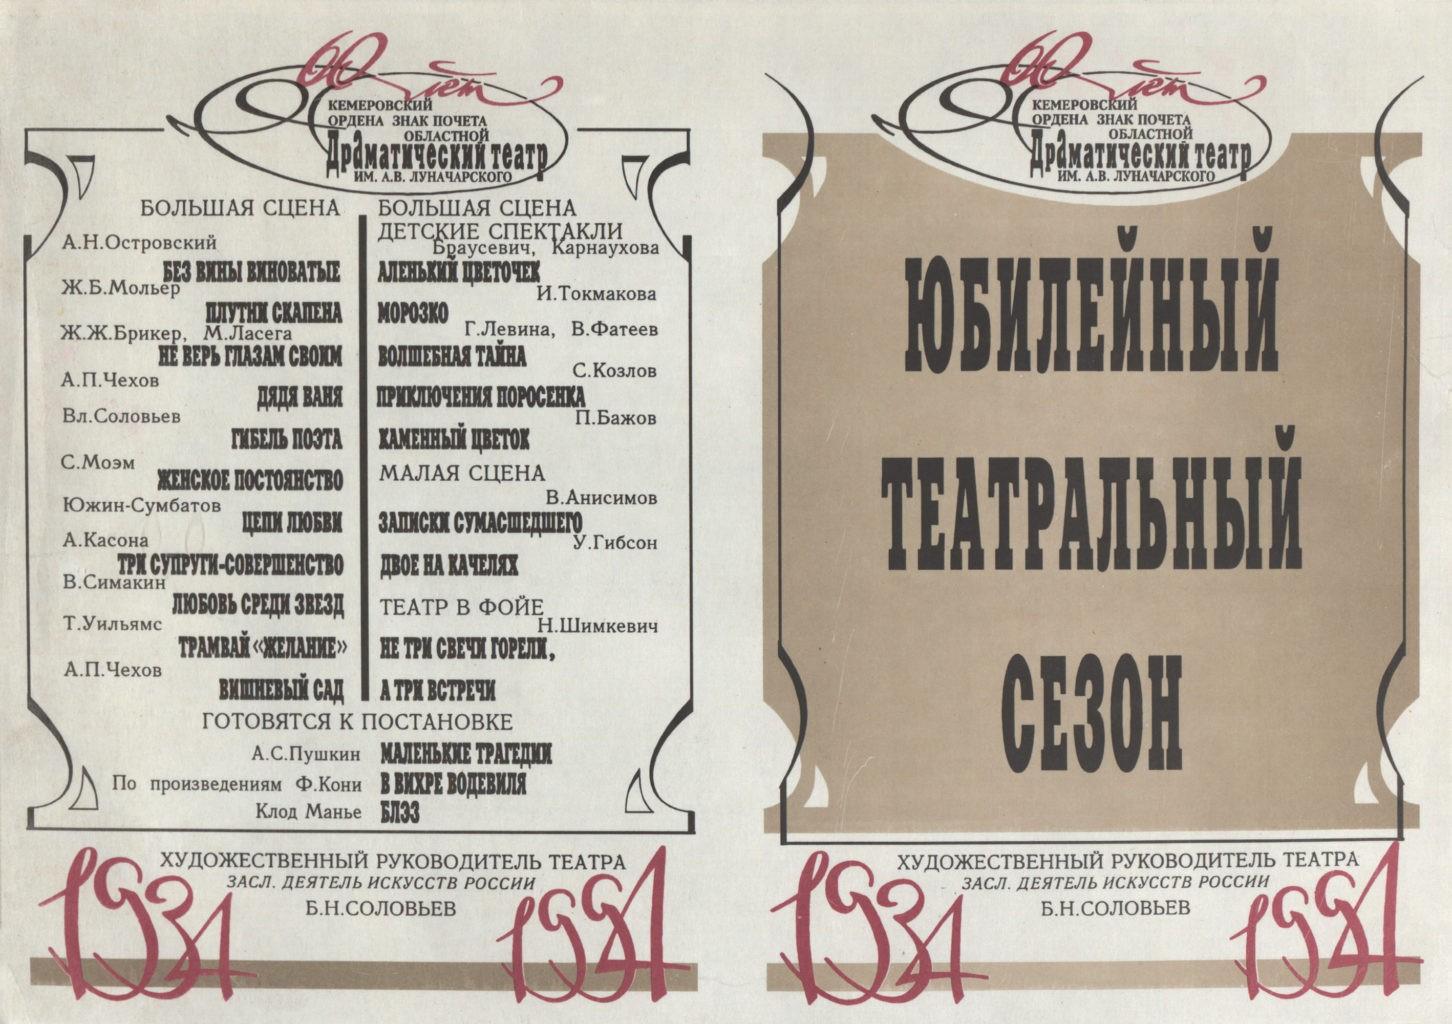 Юбилейный театральный сезон 1994 г.: программа с автографом